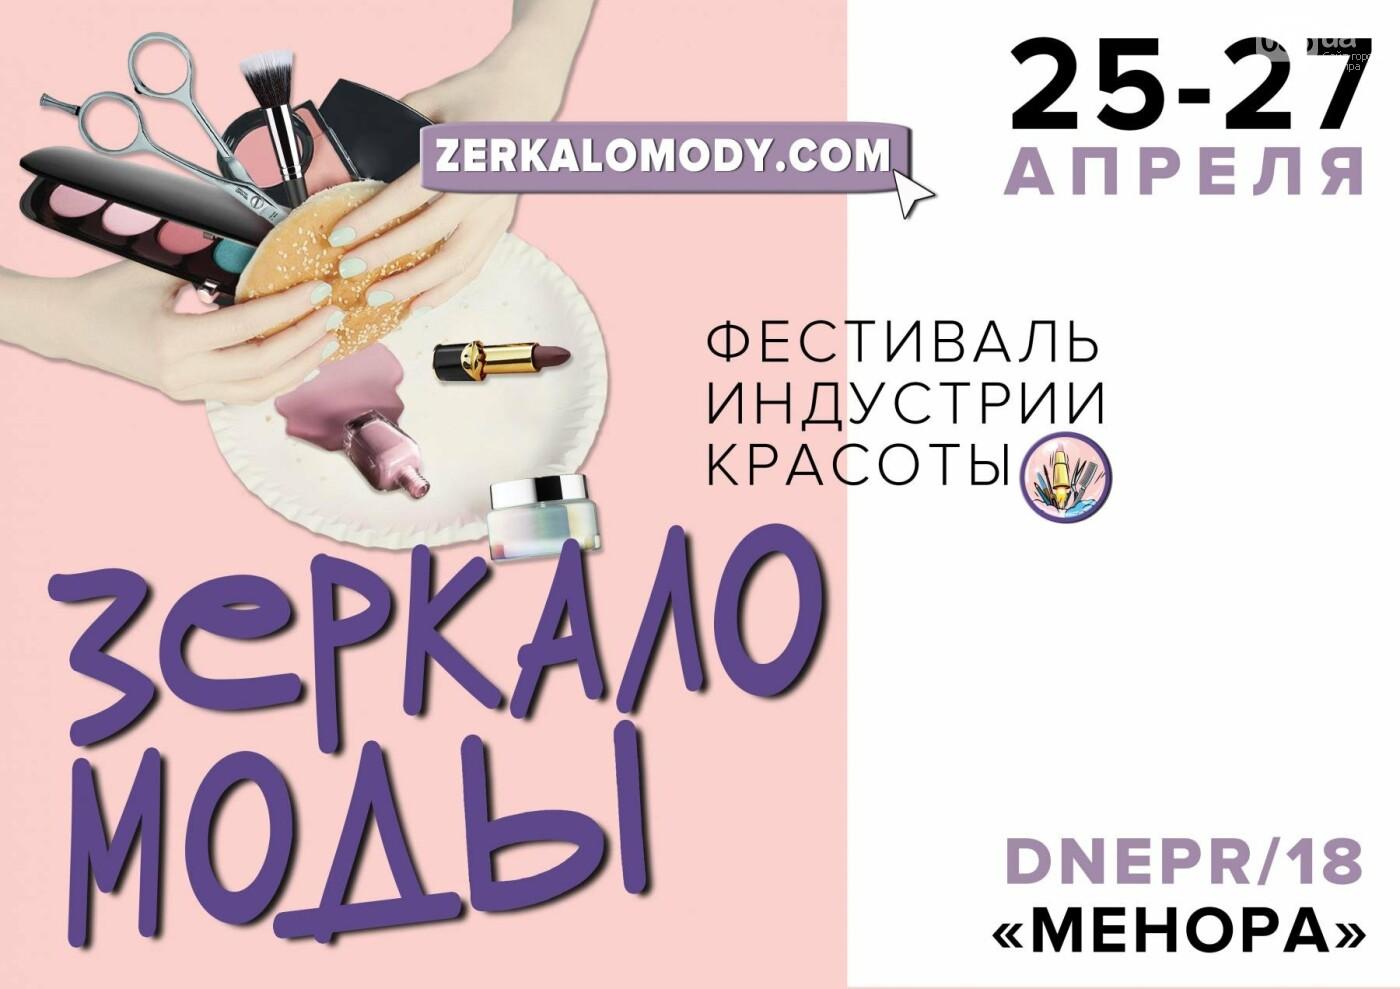 Фестиваль индустрии красоты - Зеркало Моды в Днепре, фото-1